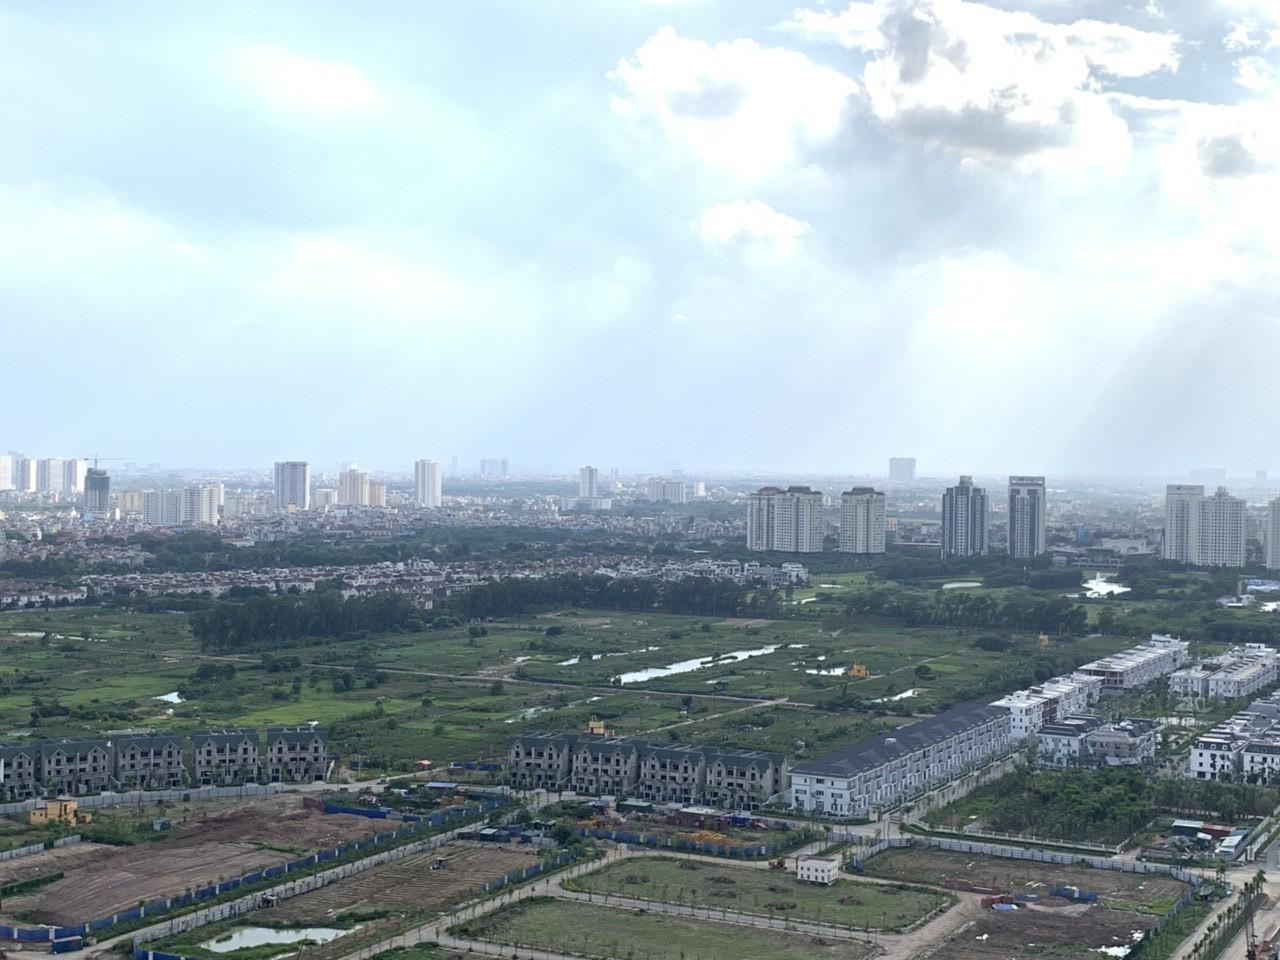 Khu đô thị Ciputra và những dự án 10 năm bỏ hoang - Ảnh 3.